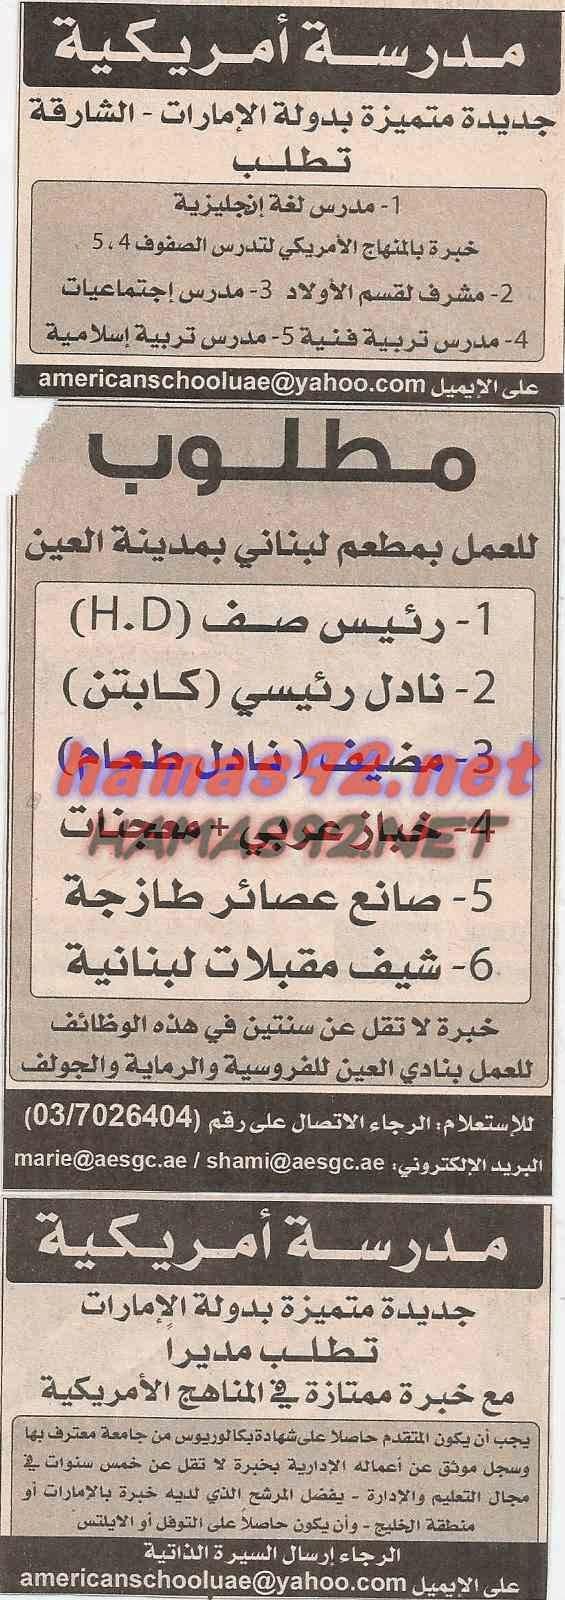 وظائف خالية من جريدة الخليج الامارات الثلاثاء 25-11-2014